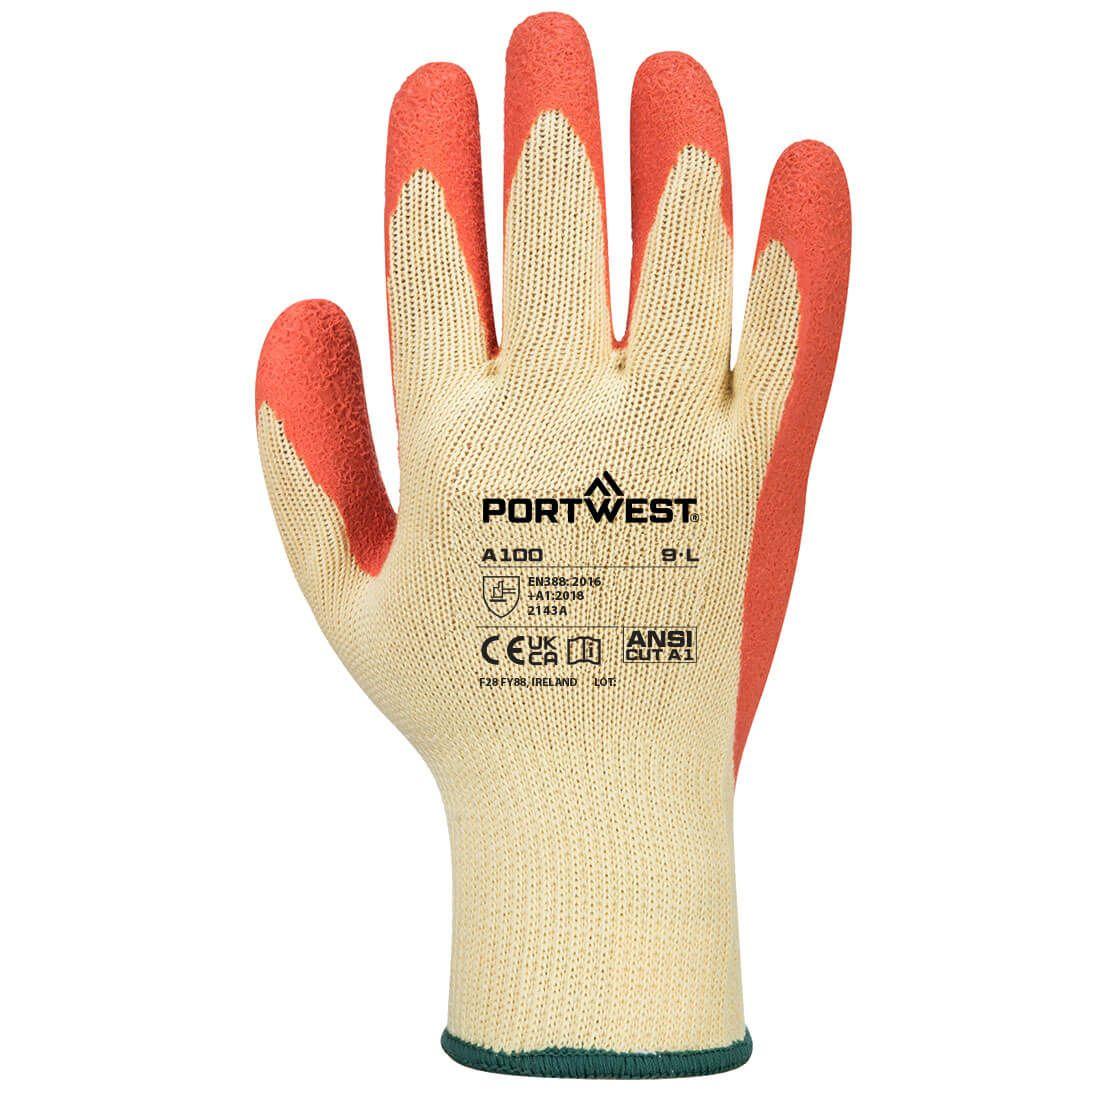 Portwest Handschoenen A100 oranje(OR)